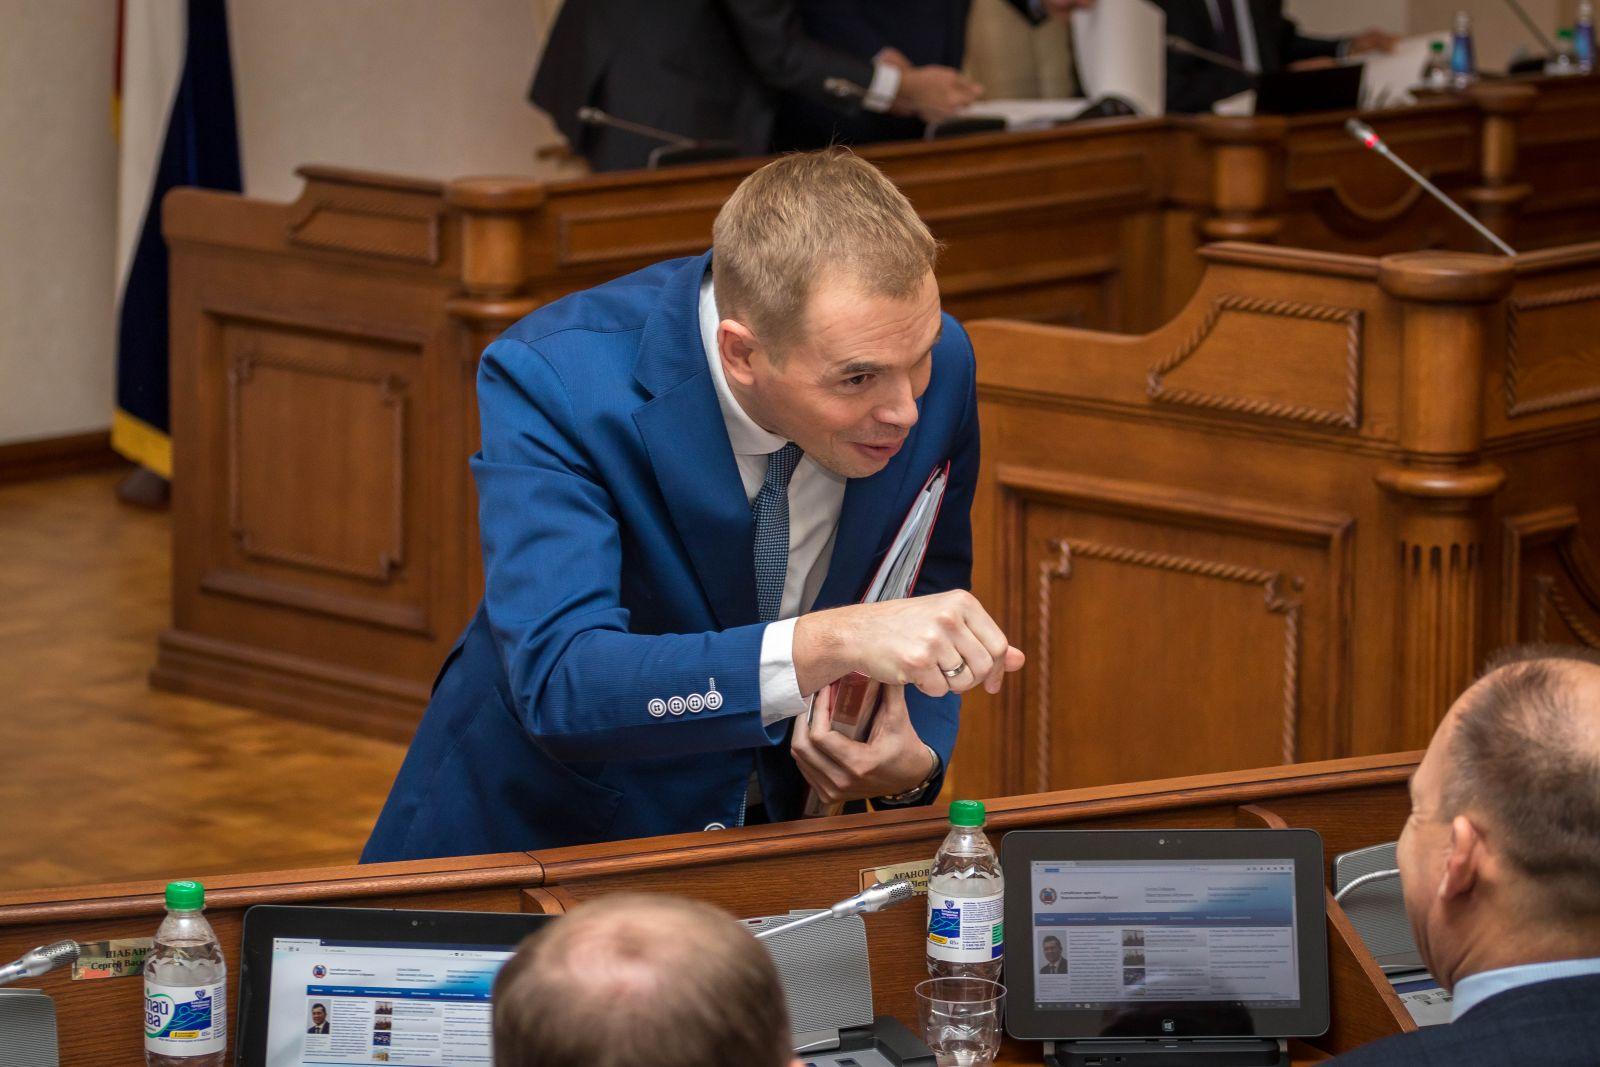 Депутаты Алтайского Заксобрания пылу споров вейпах своих зарплатах обделили вниманием краевой бюджет